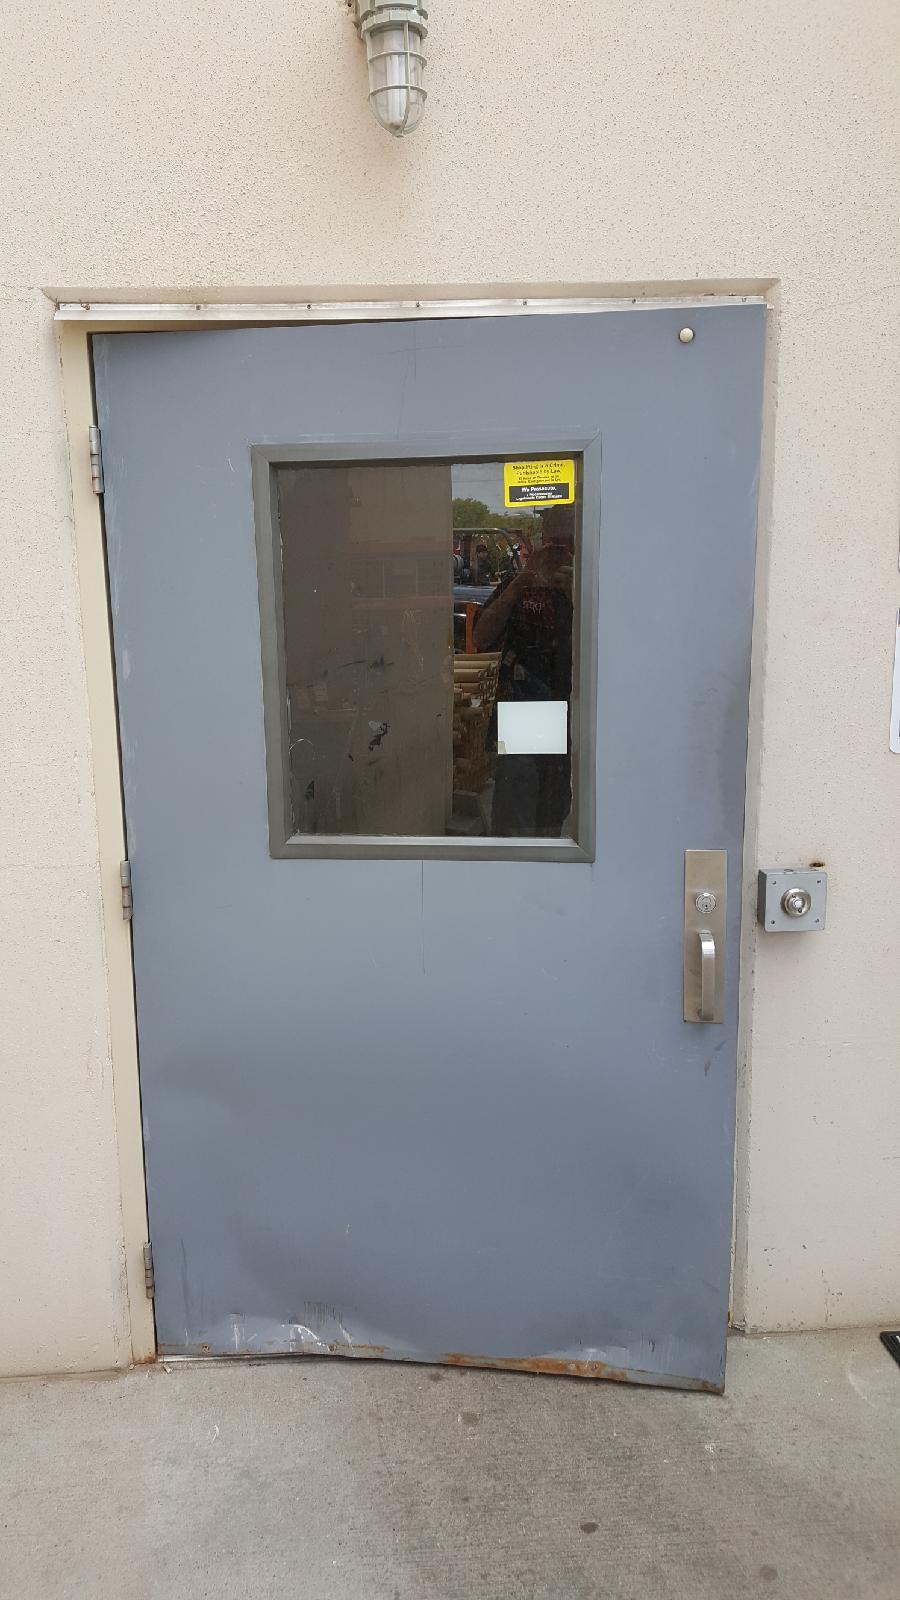 Commercial door installation at home depot in amarillo amarillo door tech - Home depot commercial doors ...